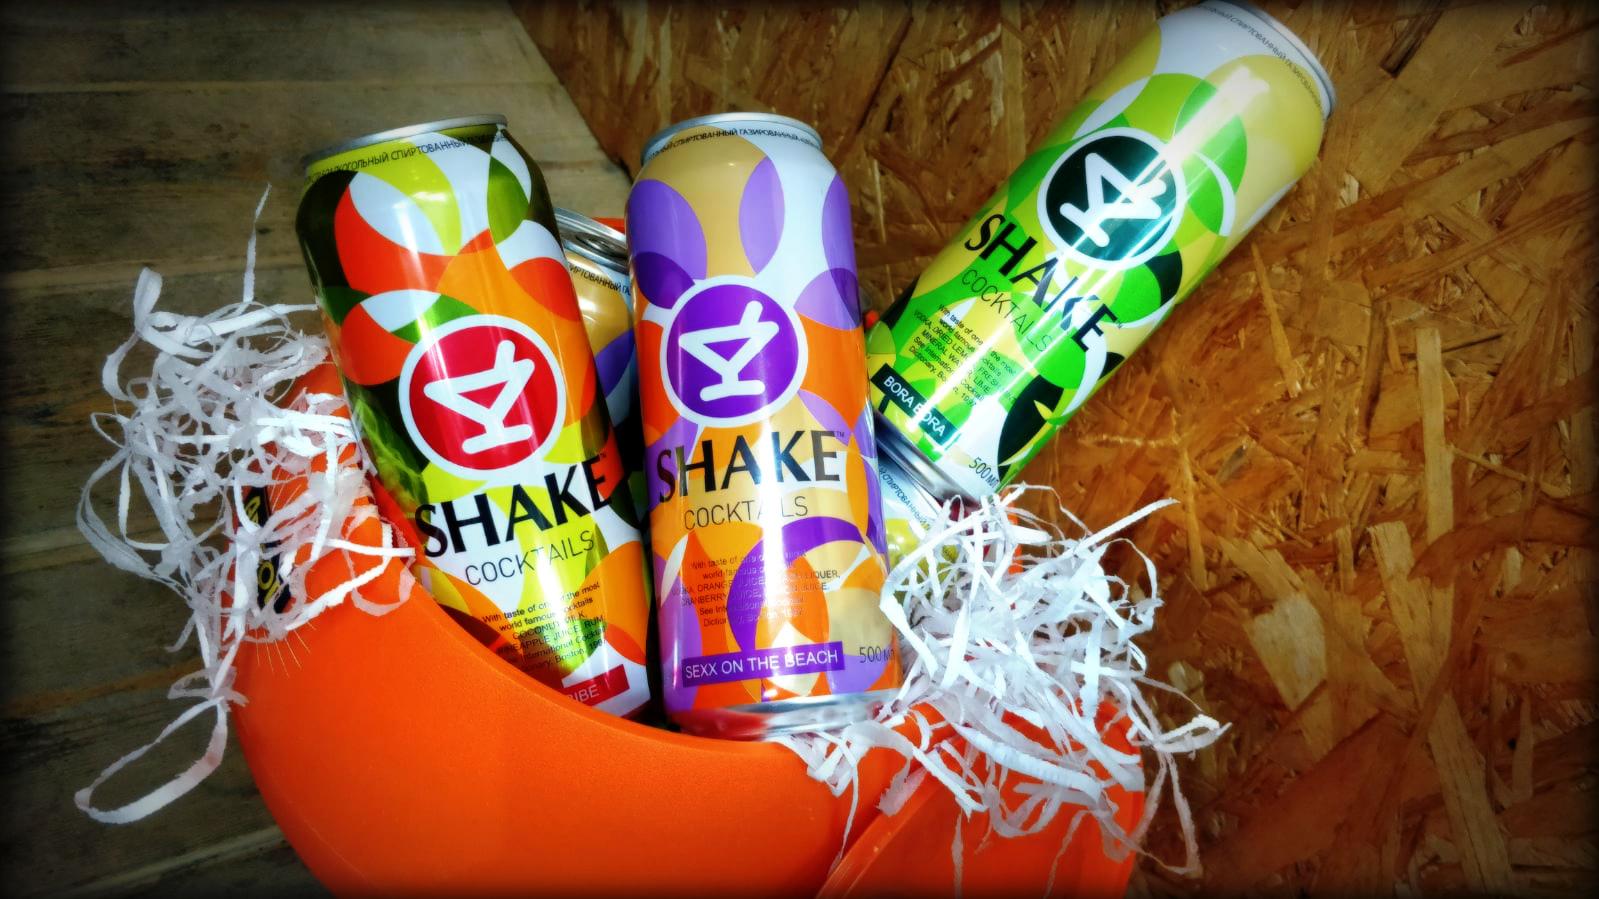 Окунись в лето с Shake Cocktails!